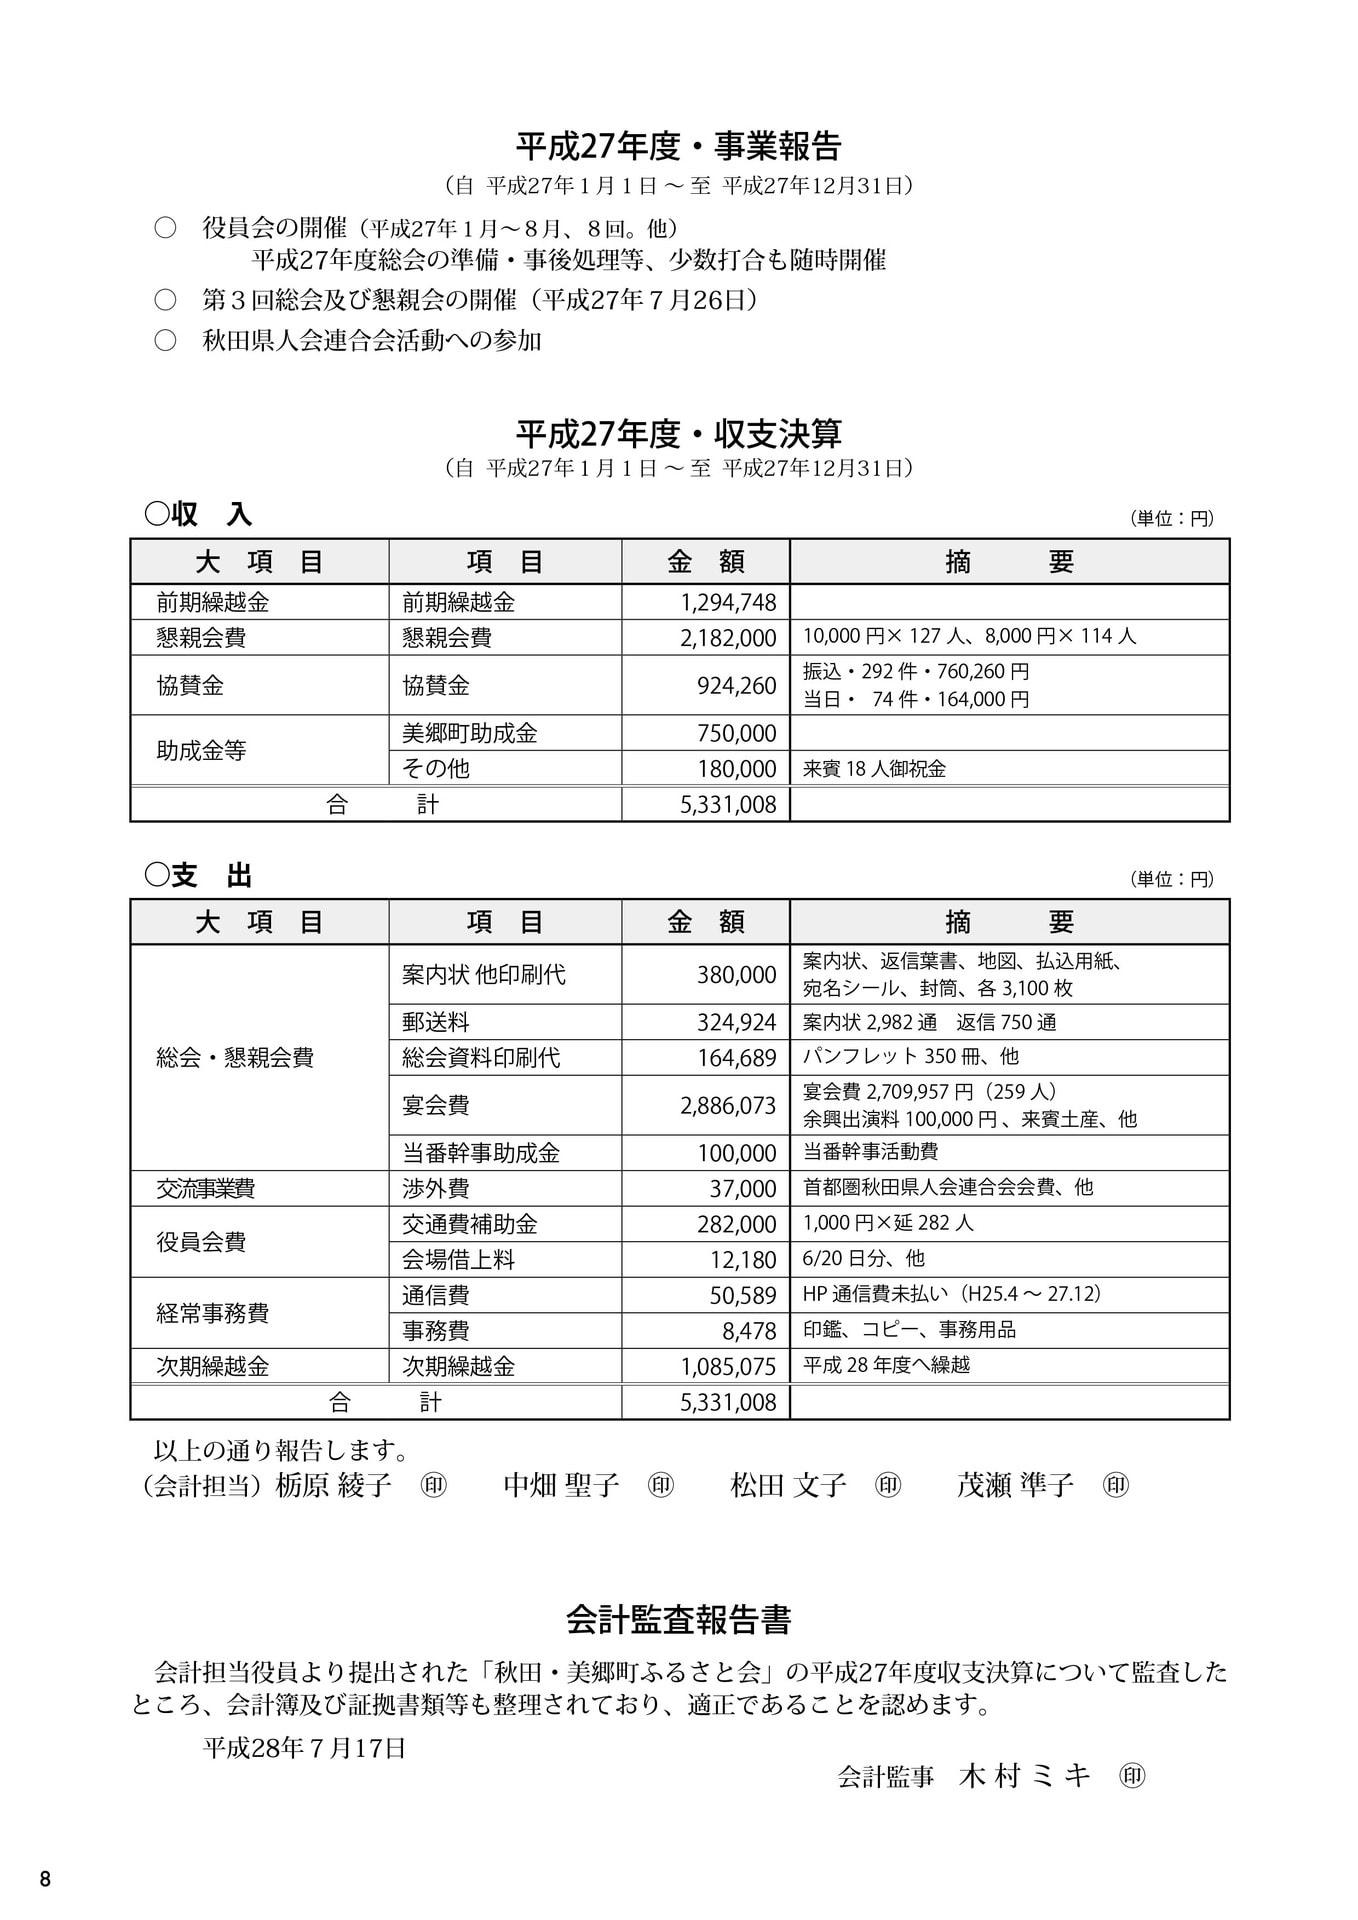 第4回秋田・美郷町ふるさと会パンフレット(事業報告、収支決算、会計監査報告書)